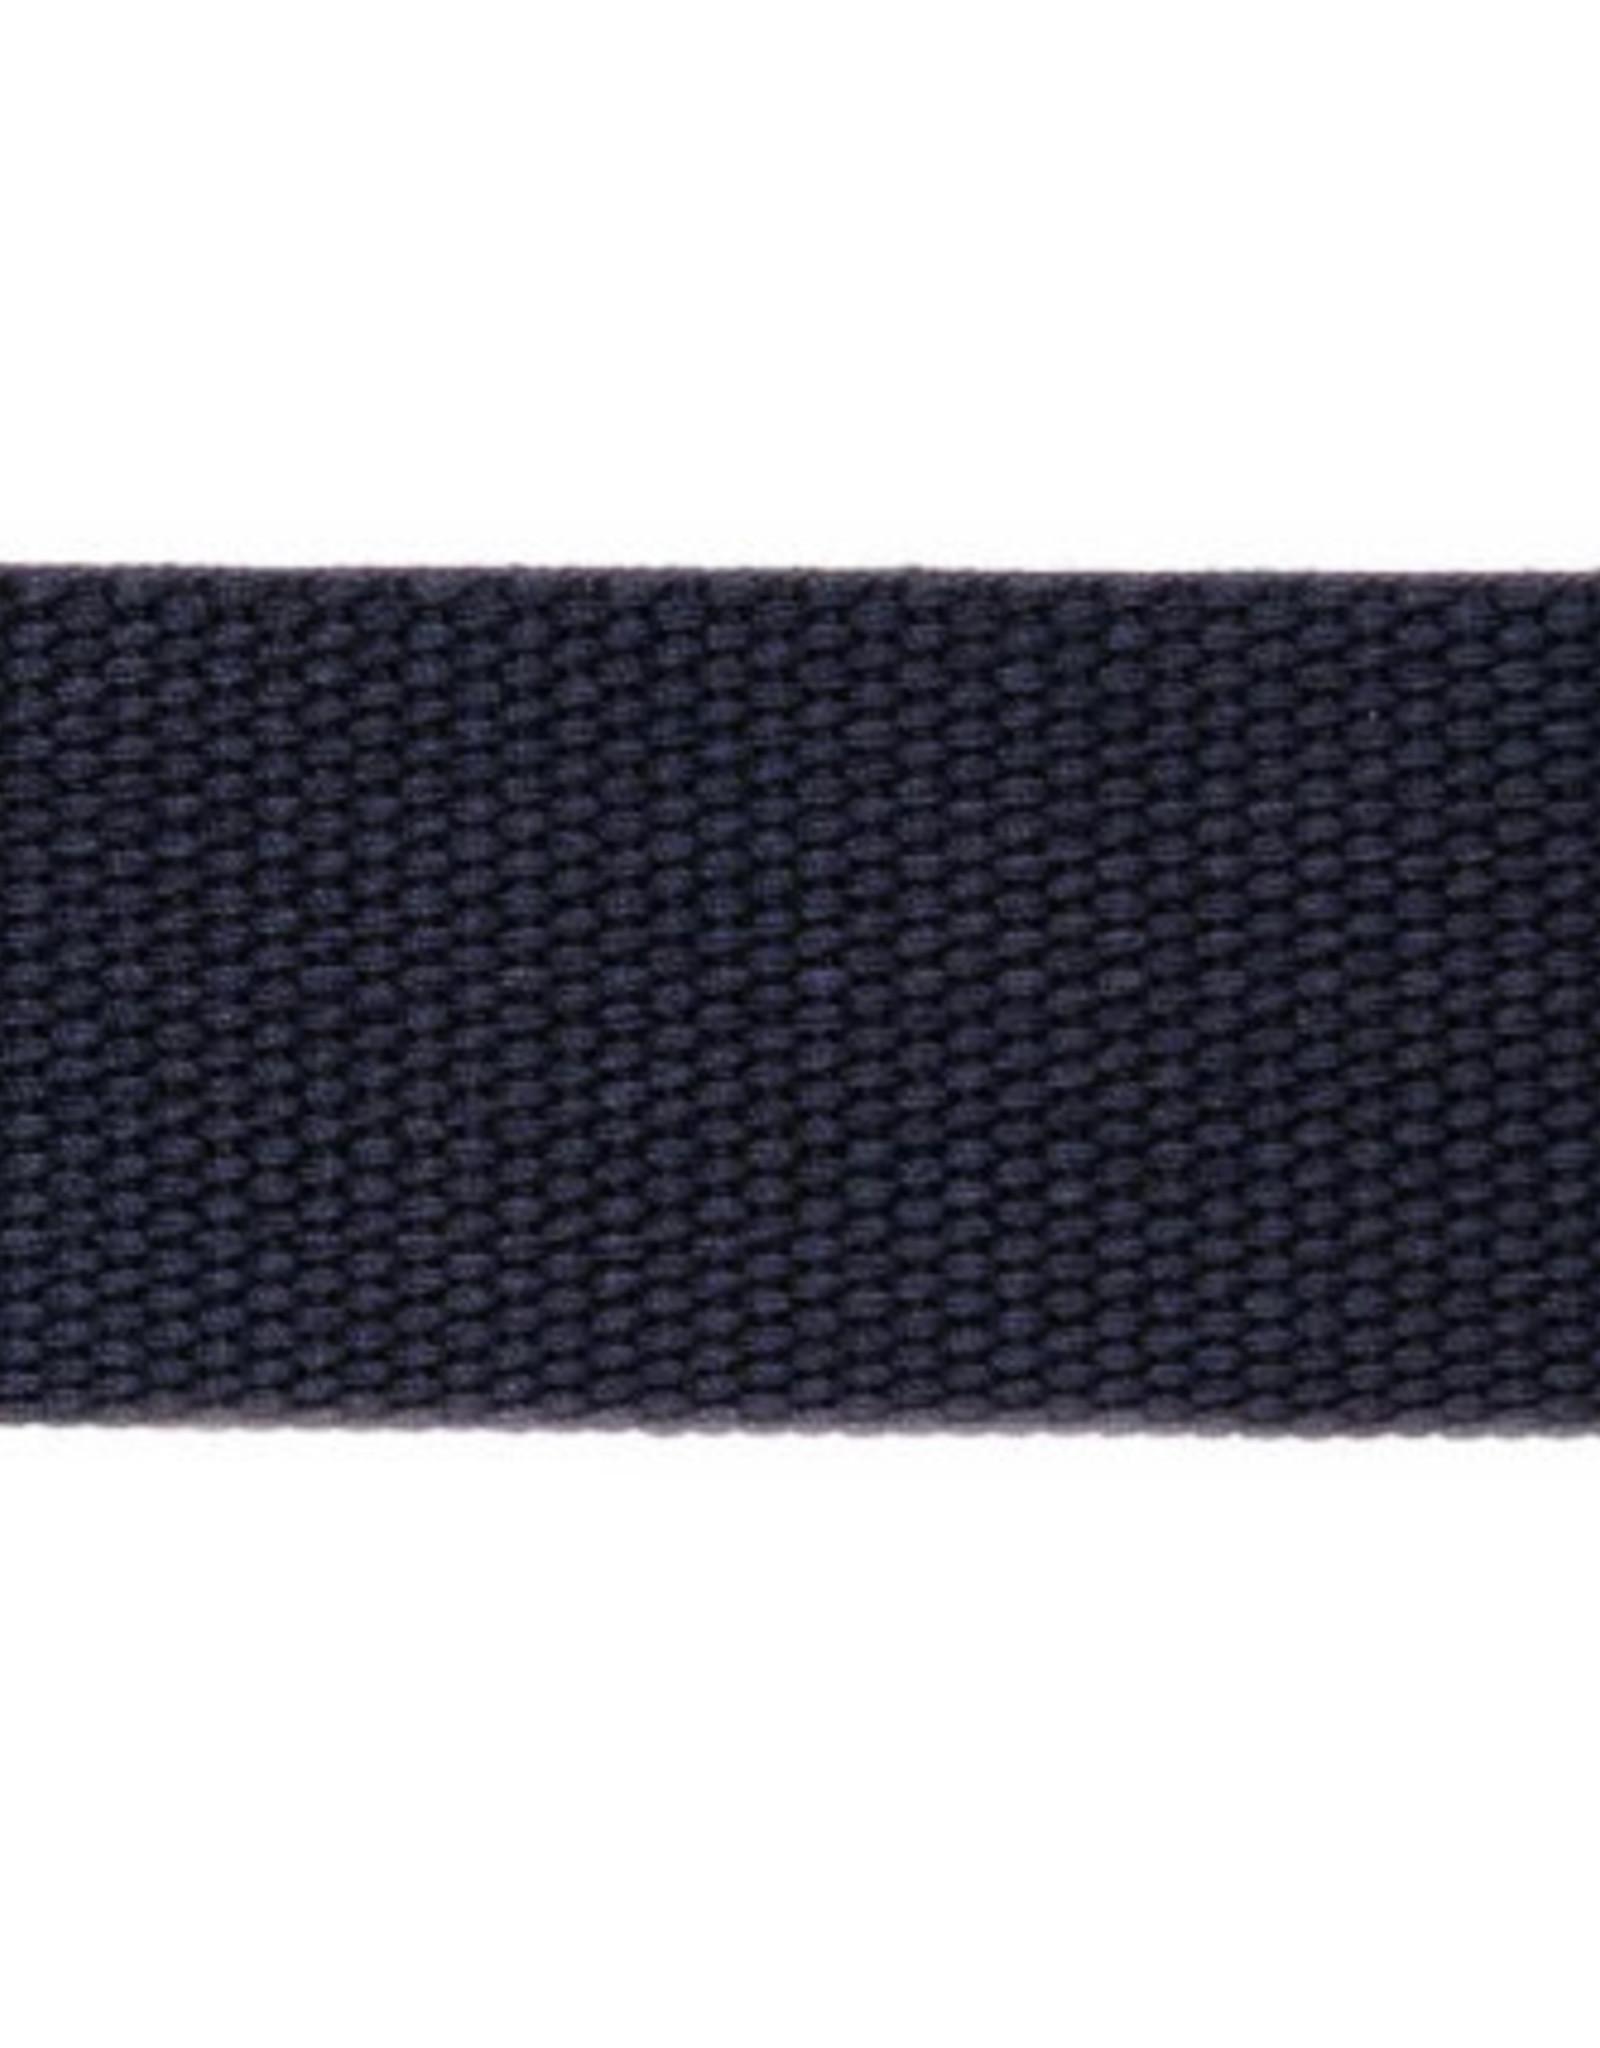 Rico Design Tassenband - Marineblauw - 40mm - 2m